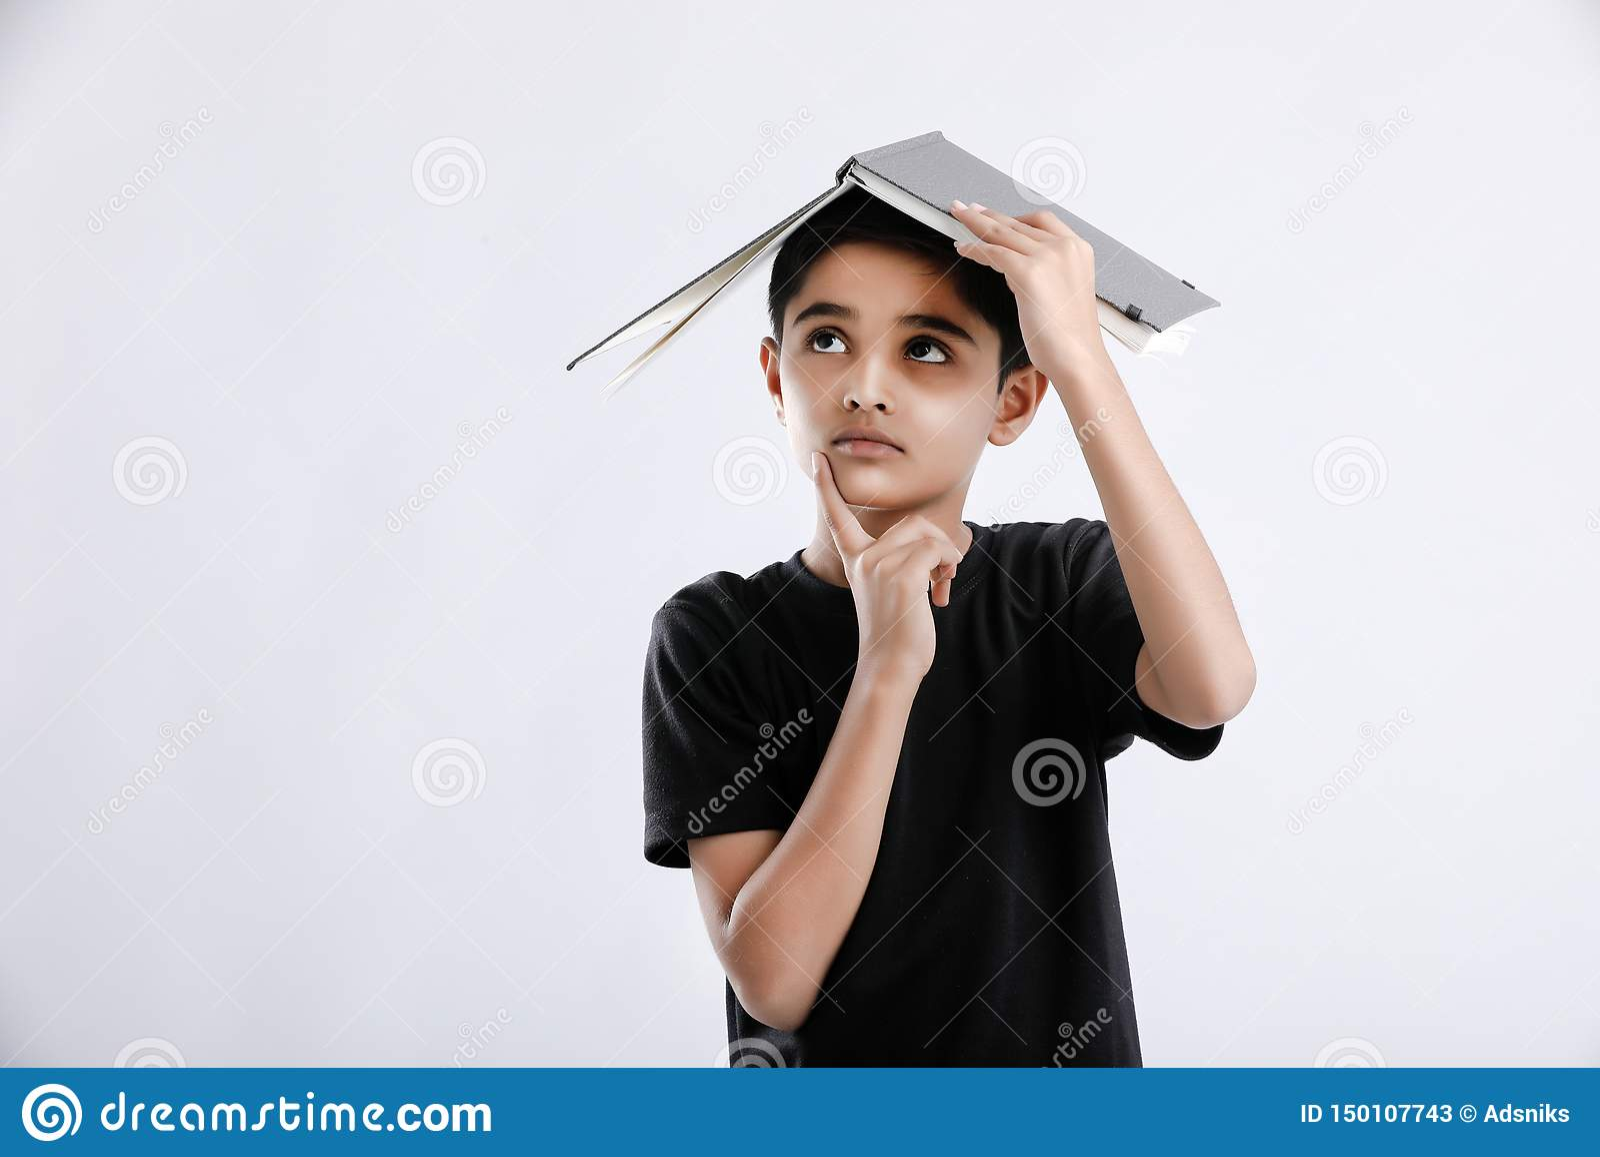 маленький индийский/азиатский мальчик с книгой на голове и мысли серьезной